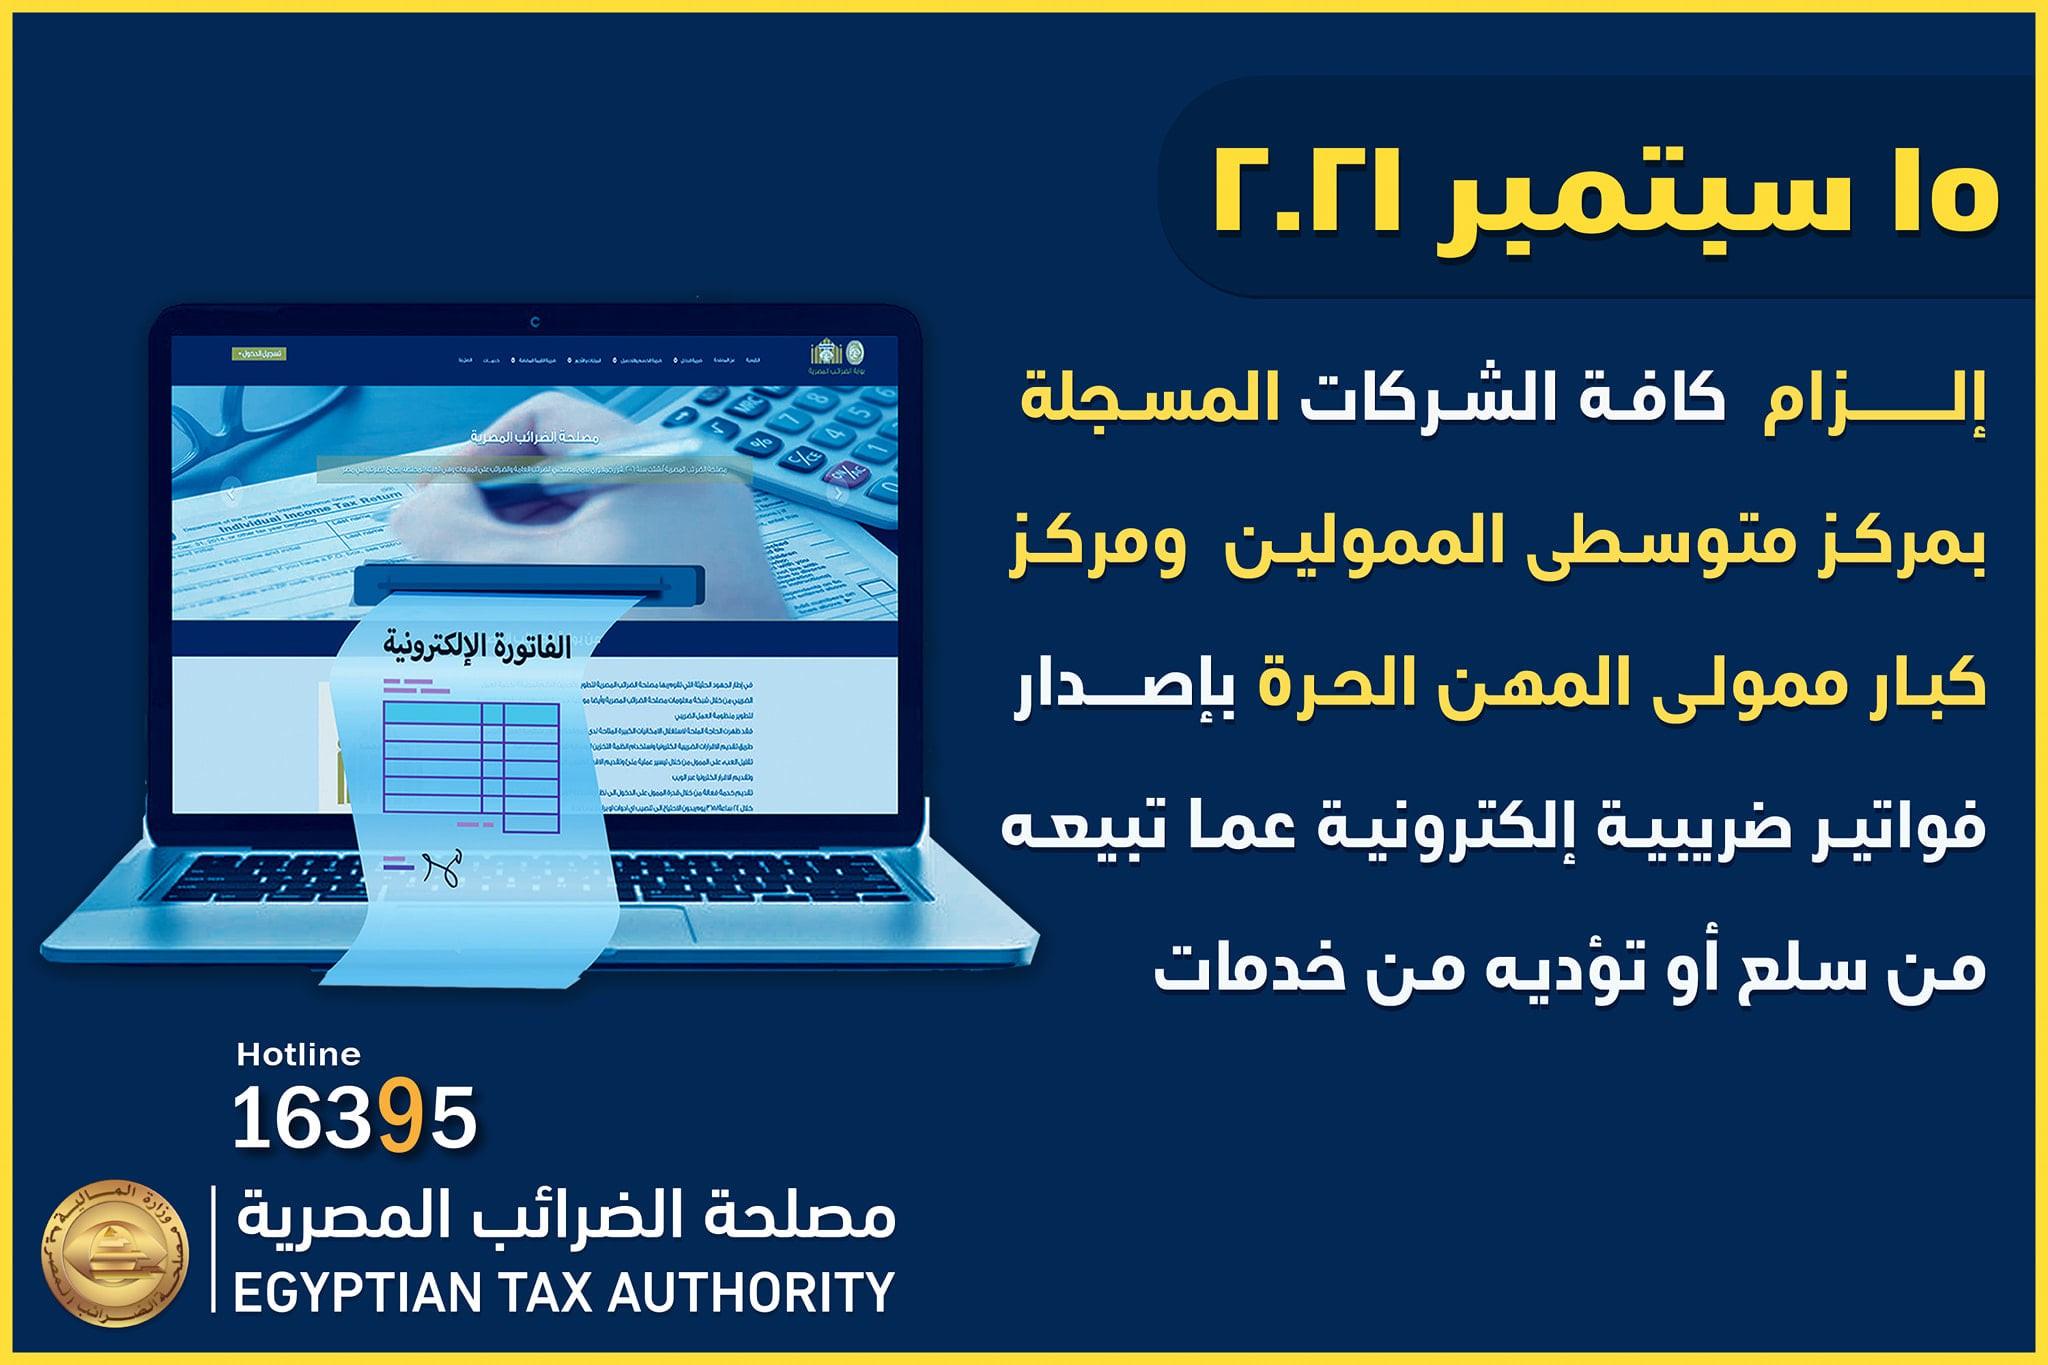 وزارة المالية تطلق تطبيق الفاتورة الإلكترونية Egyptian e-Invoicing